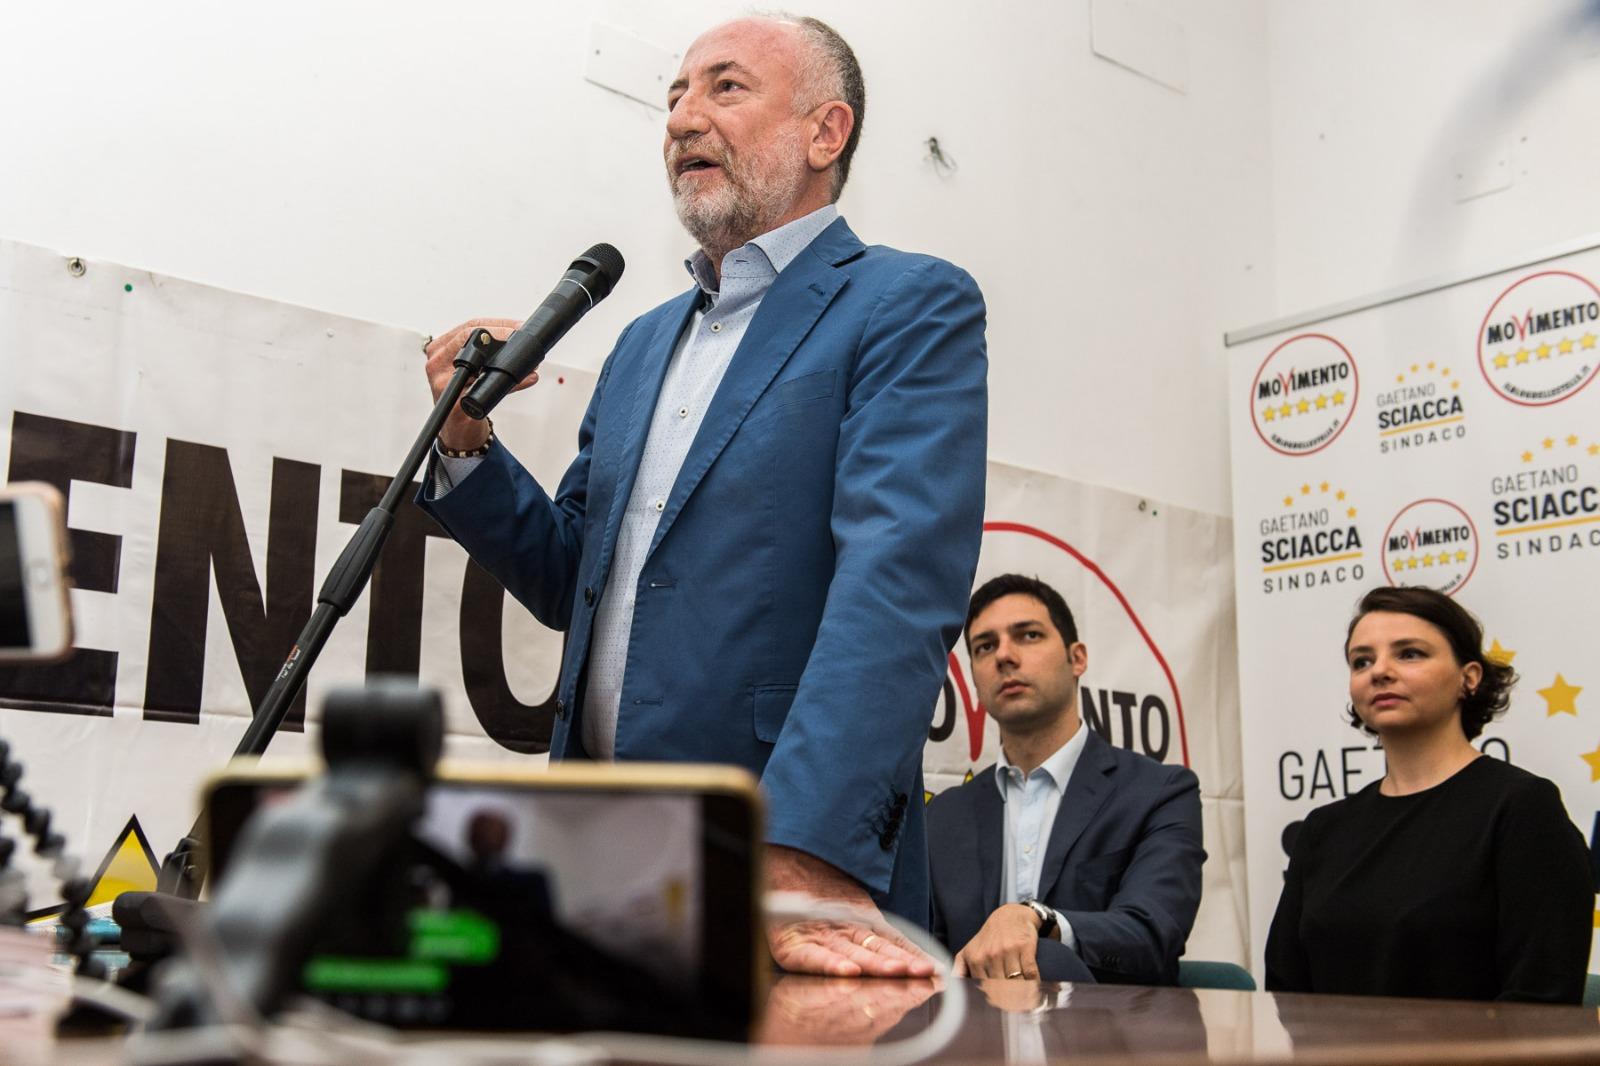 Elezioni amministrative a Brugherio, quattro candidati sindaco in corsa